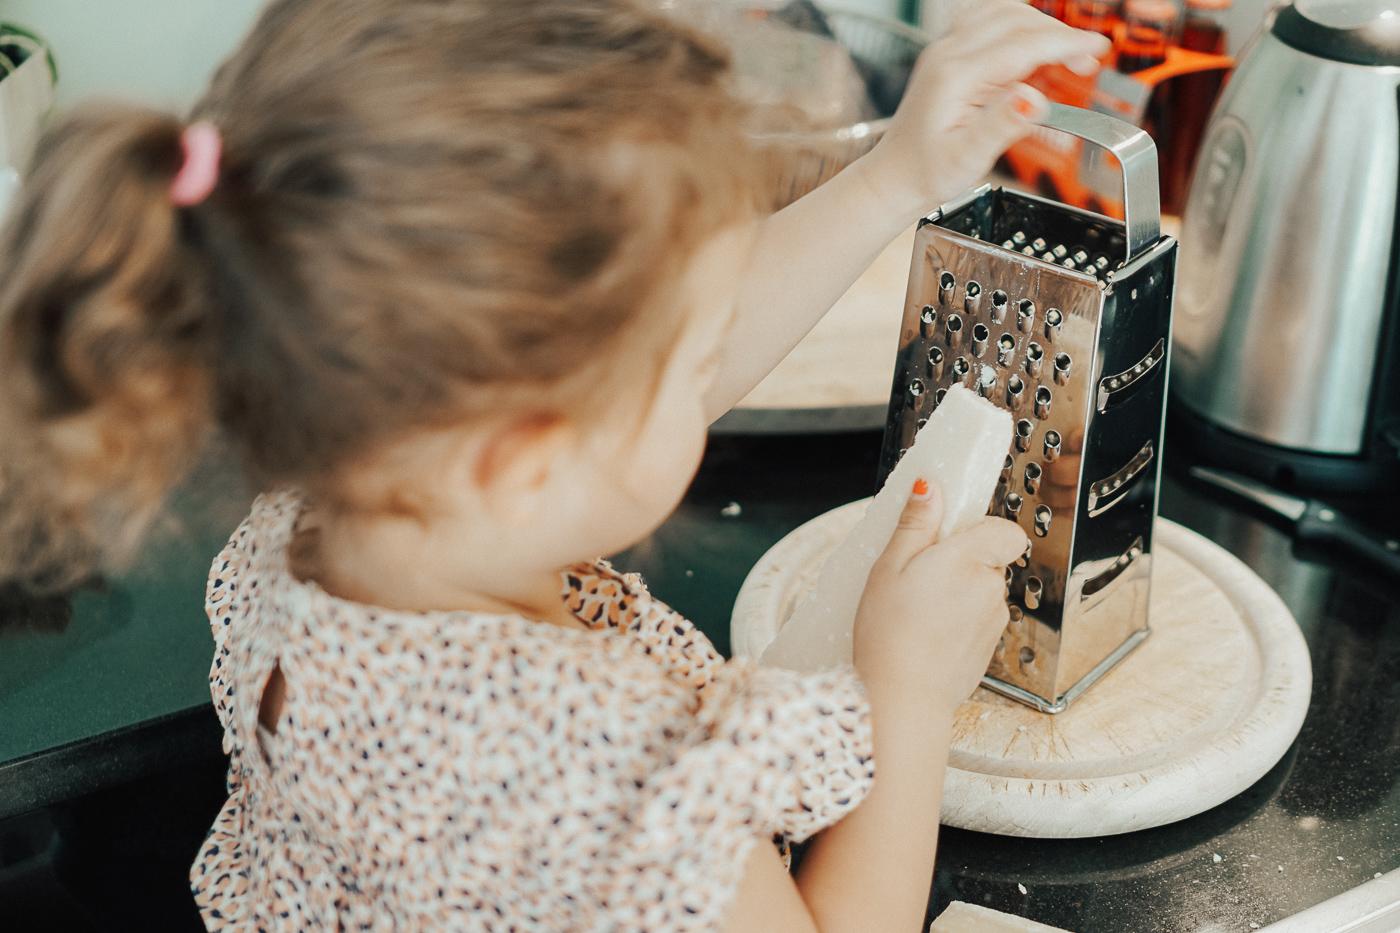 Kochen mit Kind, Kinder aufgaben machen lassen, die sie können